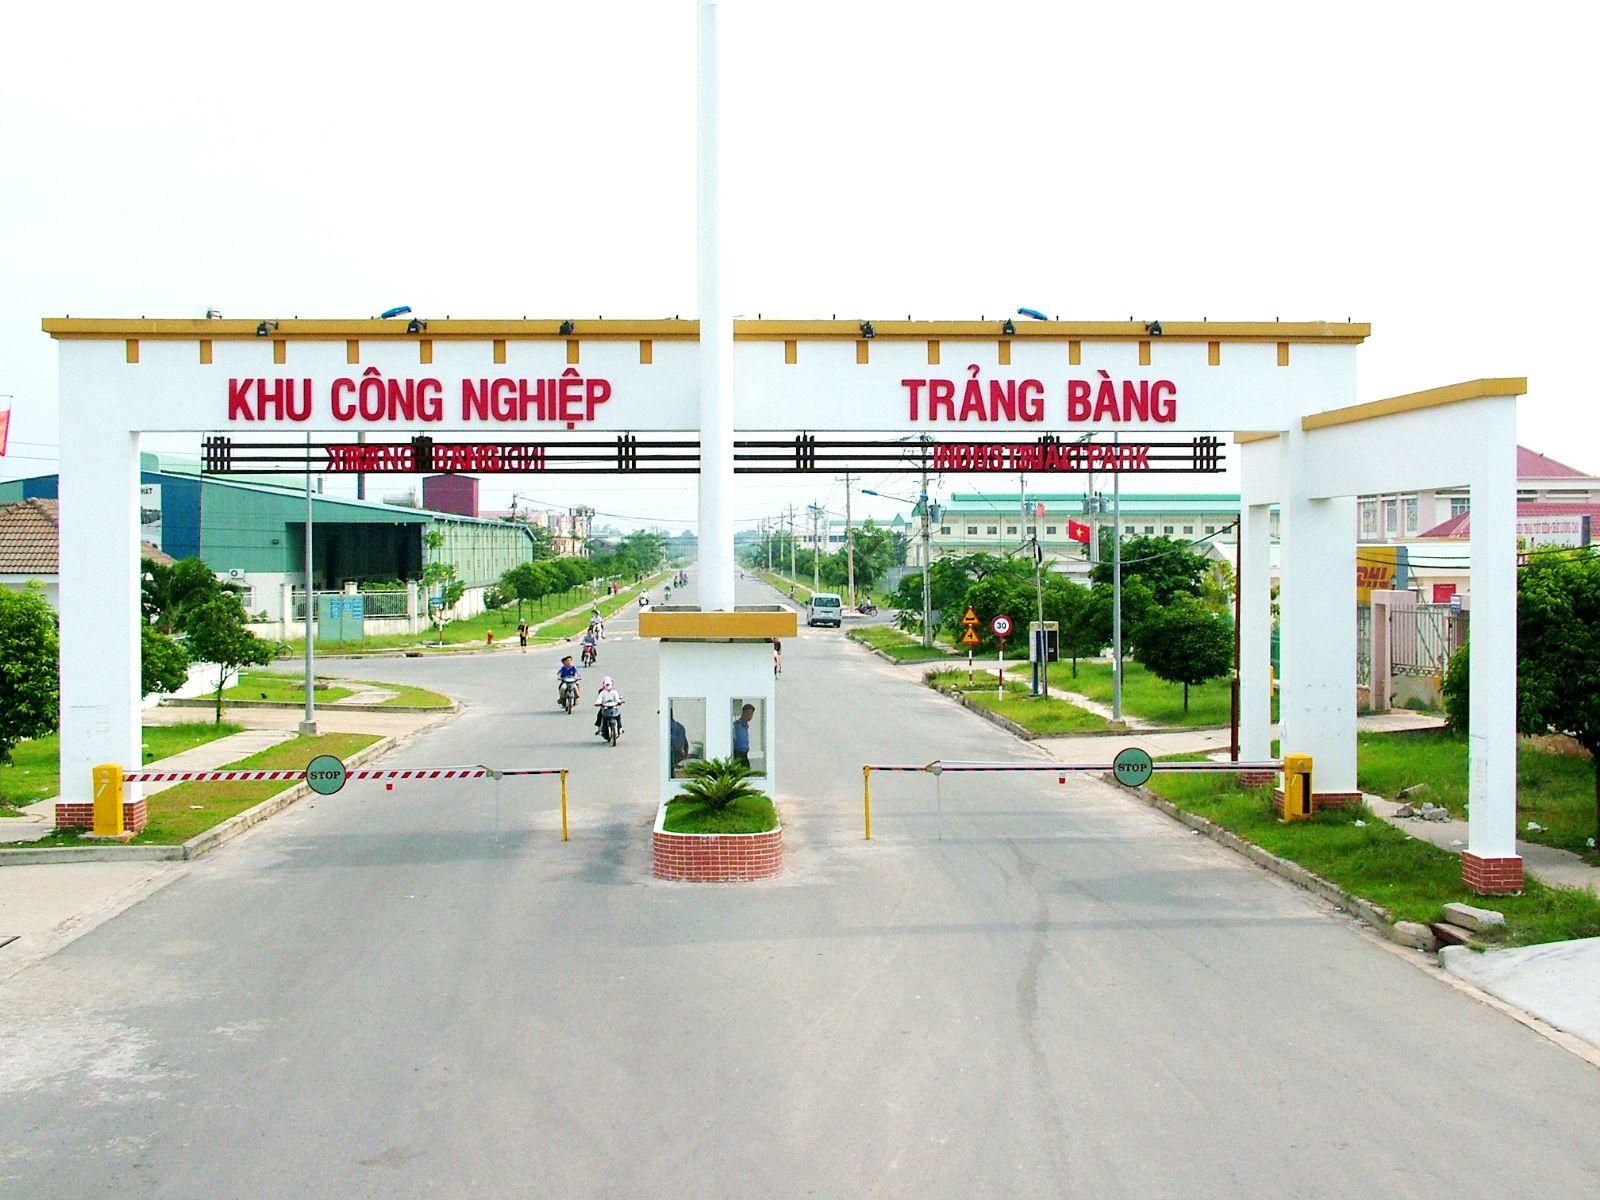 Khu công nghiệp Trảng Bàng